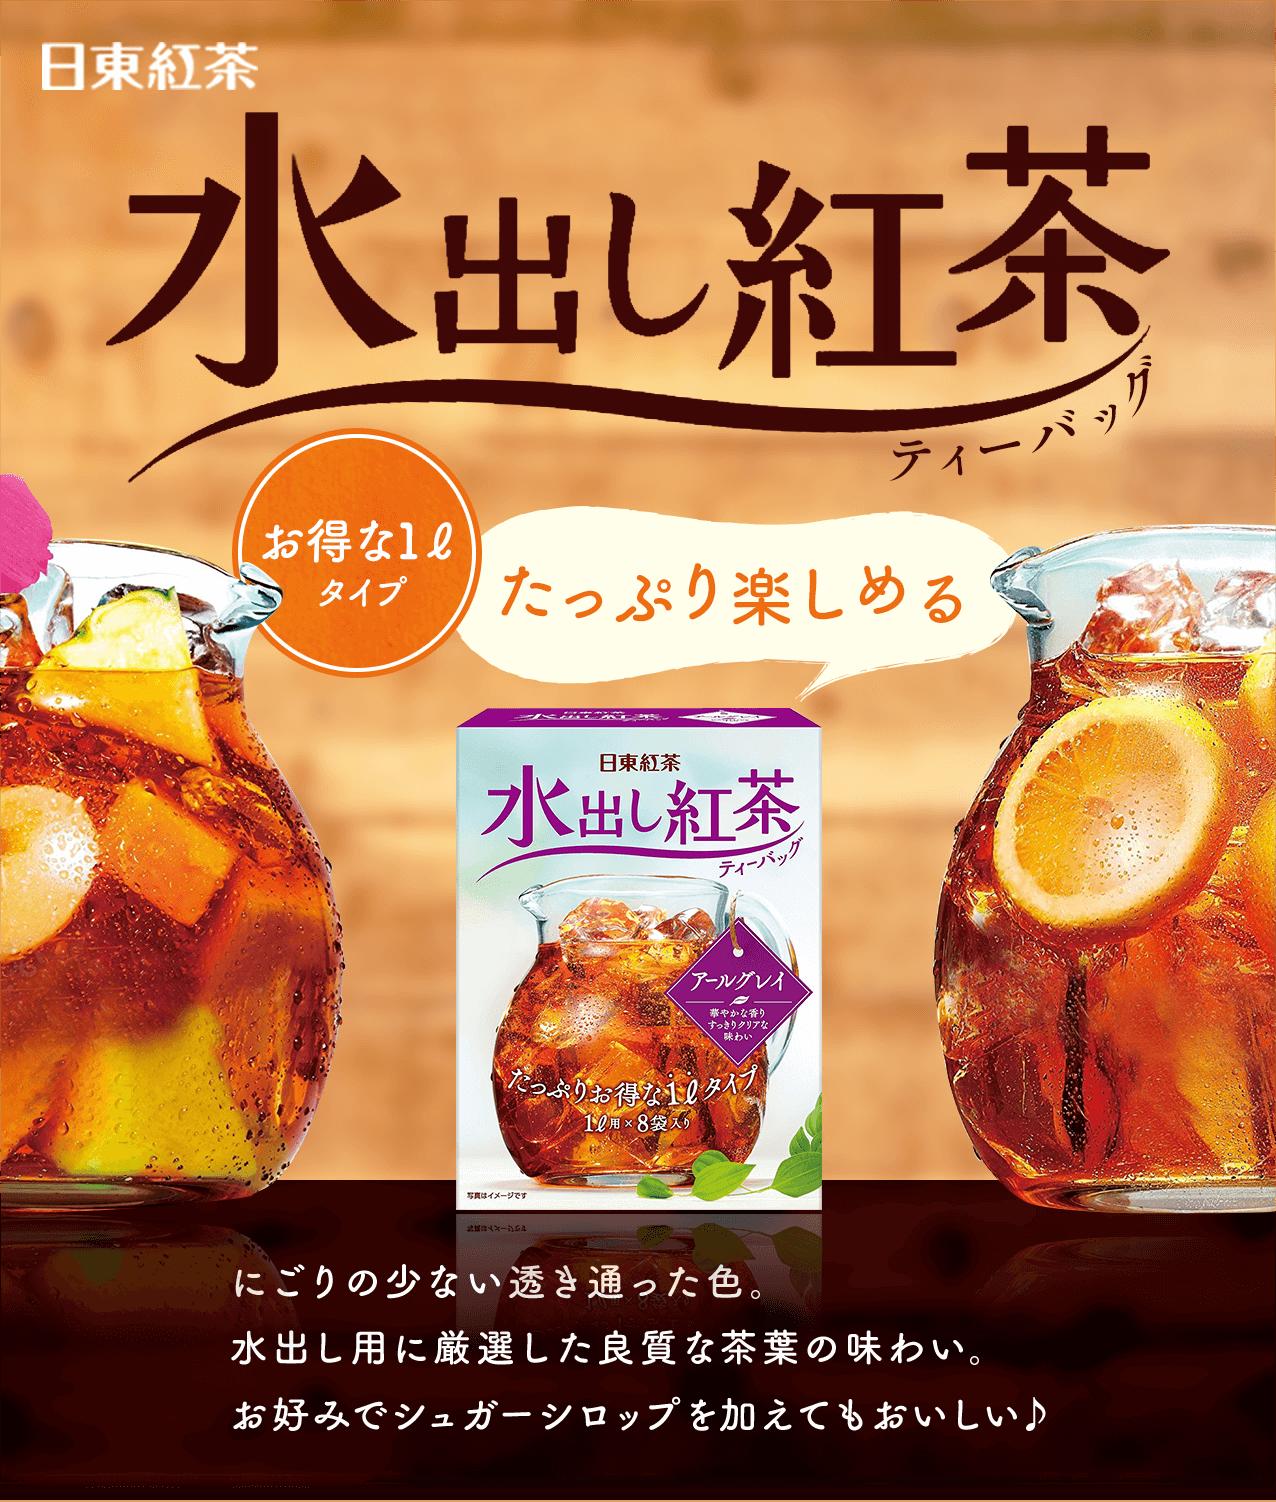 日東紅茶 水出し紅茶 ティーバッグ お得な1リットルタイプ たっぷり楽しめるにごりの少ない透き通った色。水出し用に厳選した良質な茶葉の味わい。お好みでシュガーシロップを加えてもおいしい♪